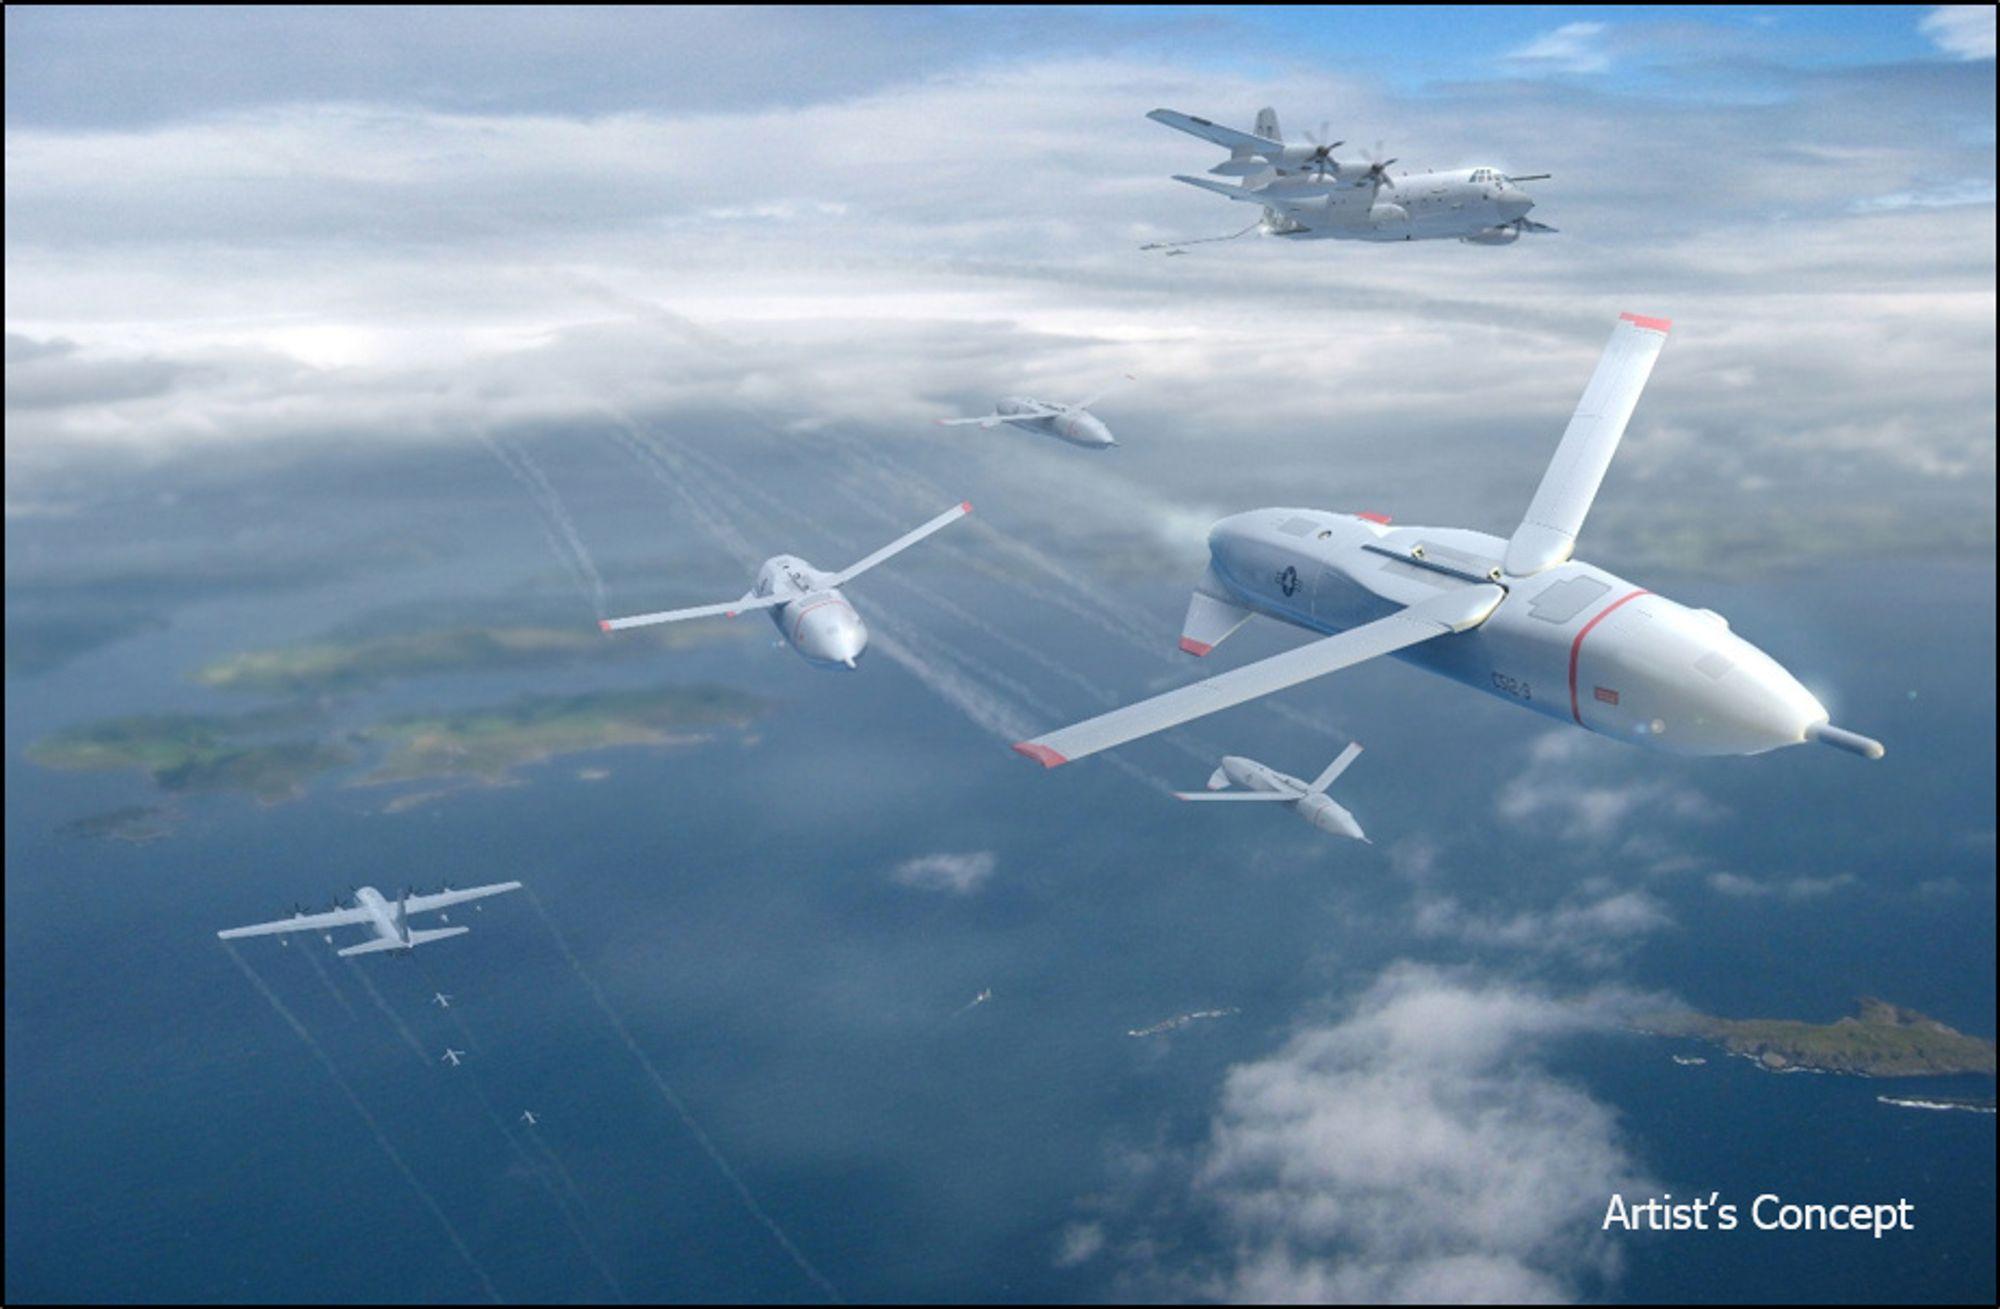 Darpas nye Gremlins-program tar sikte på å utvikle teknologi slik at militærfly kan sende ut droner og fange dem inn igjen etter utført oppdrag.